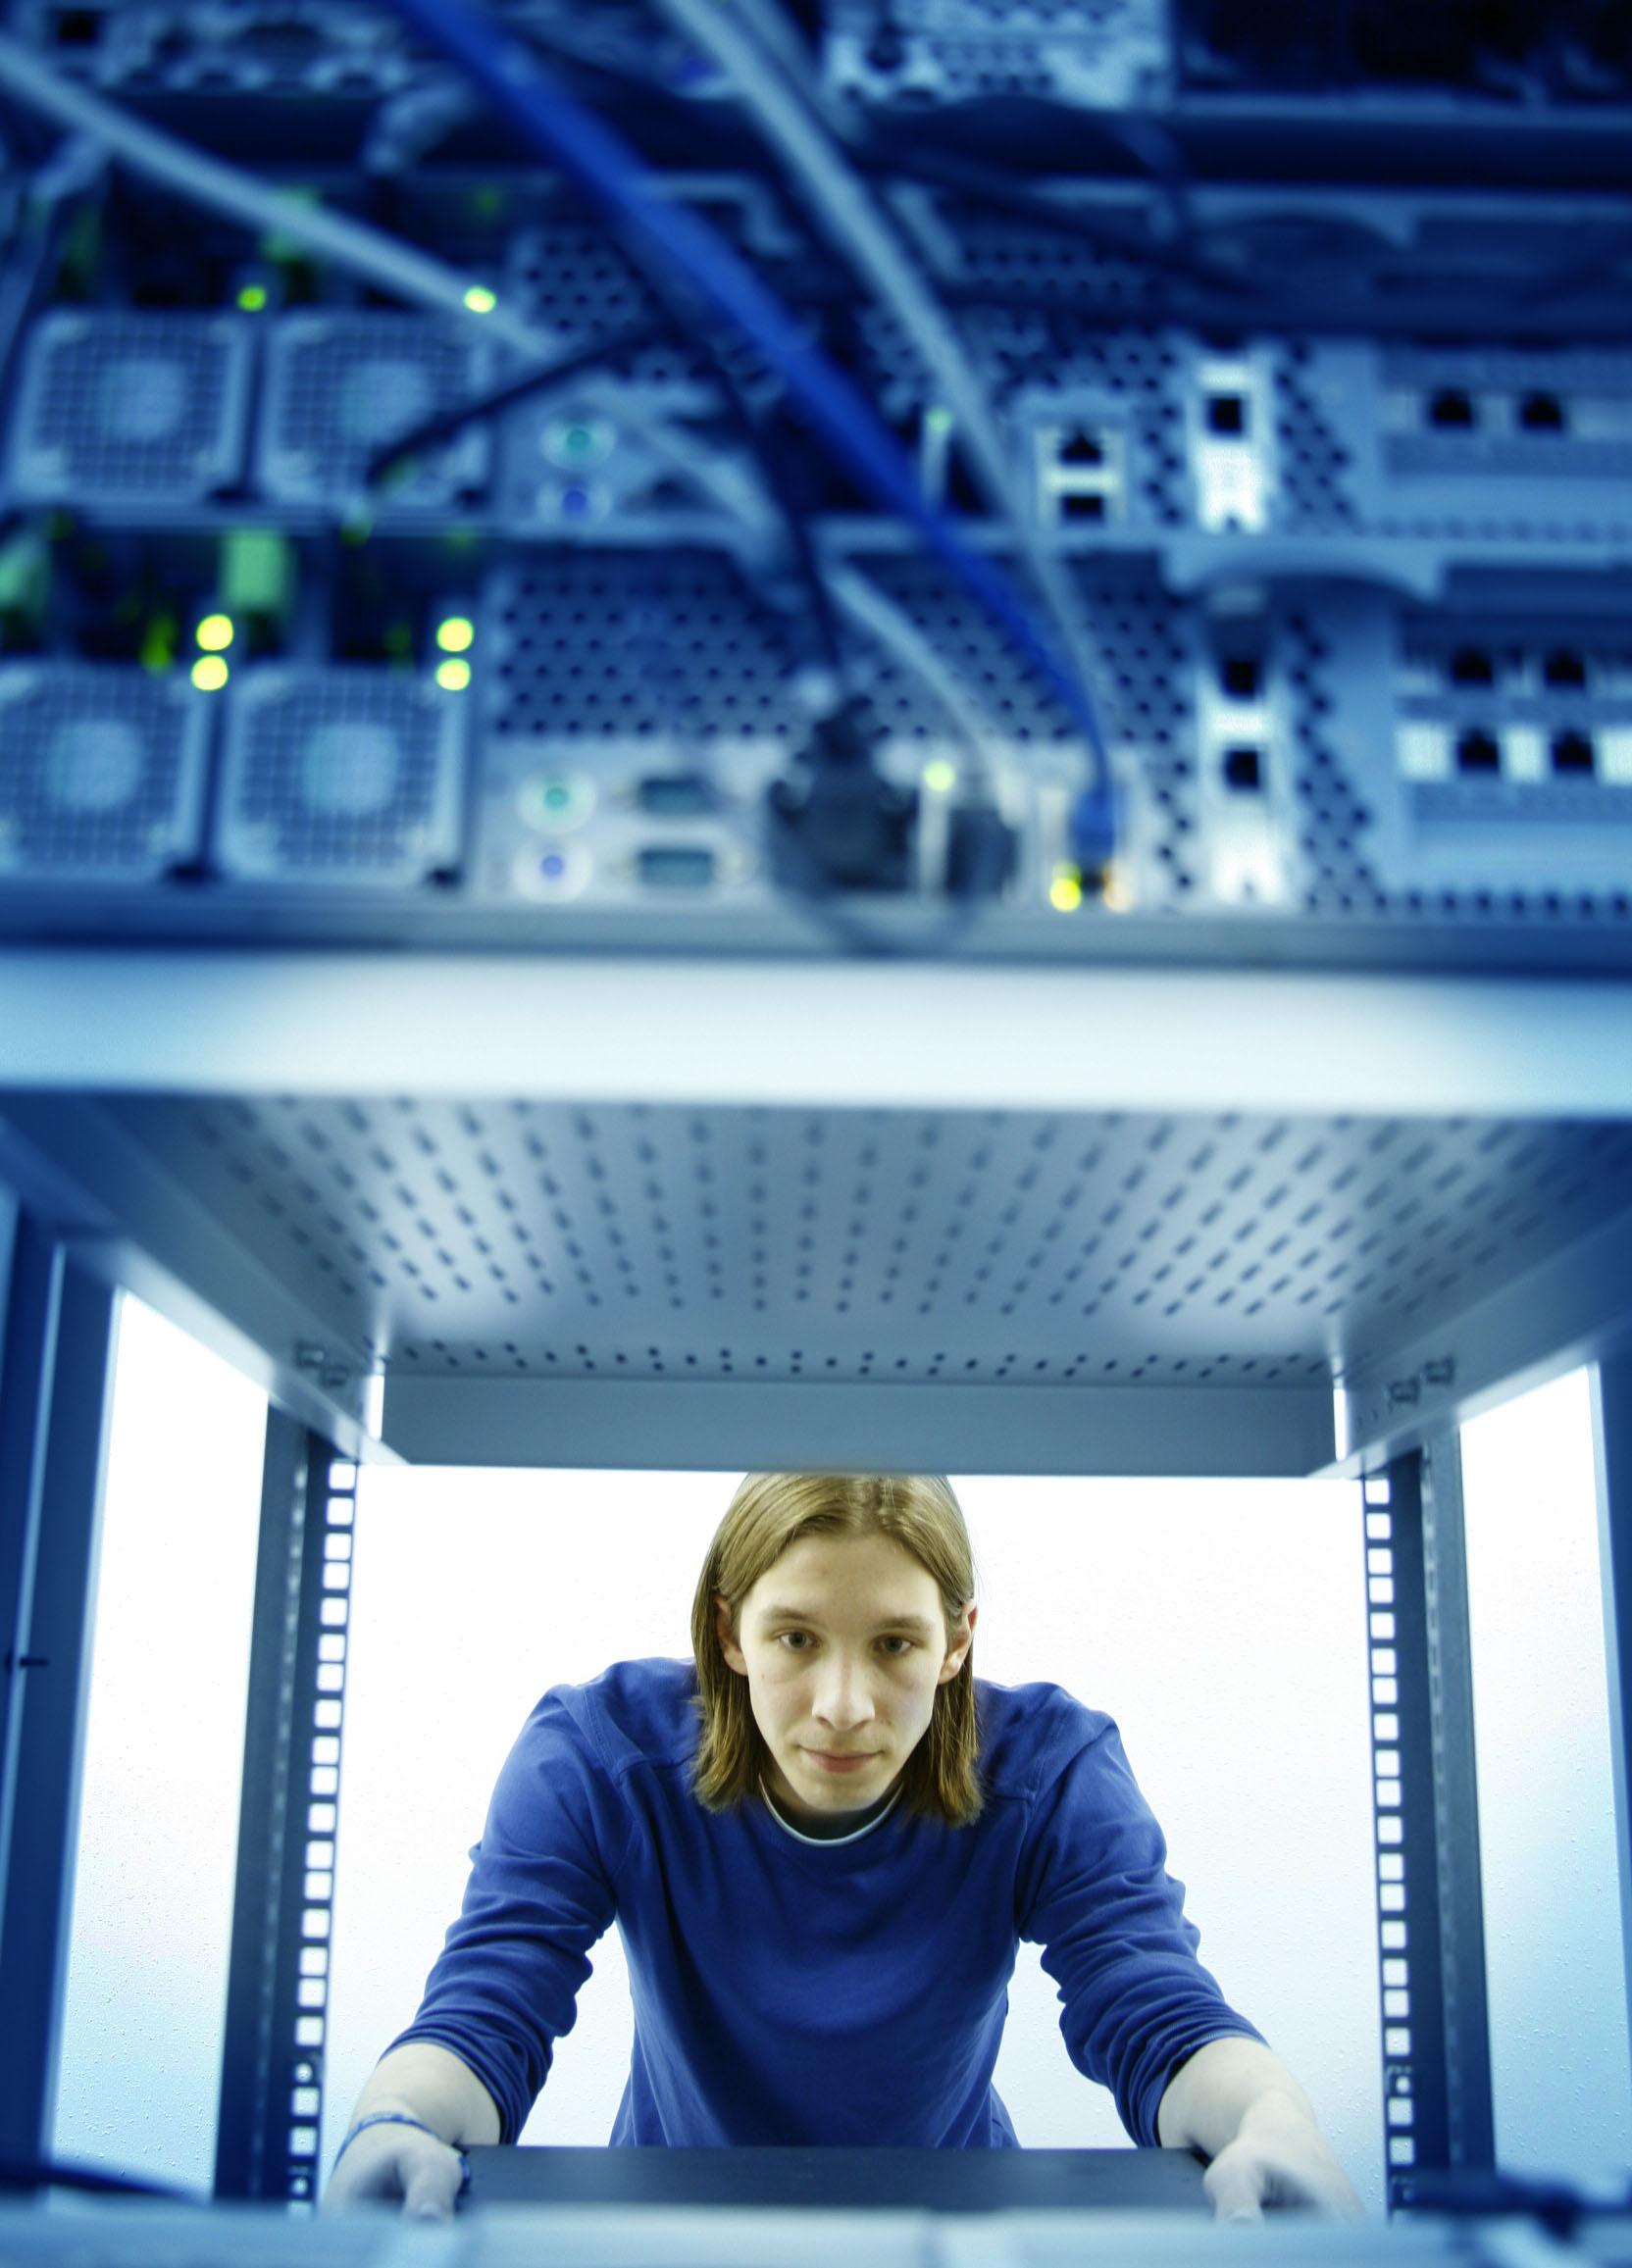 Komponenten einbauen als IT-Systemelektroniker (m/w)